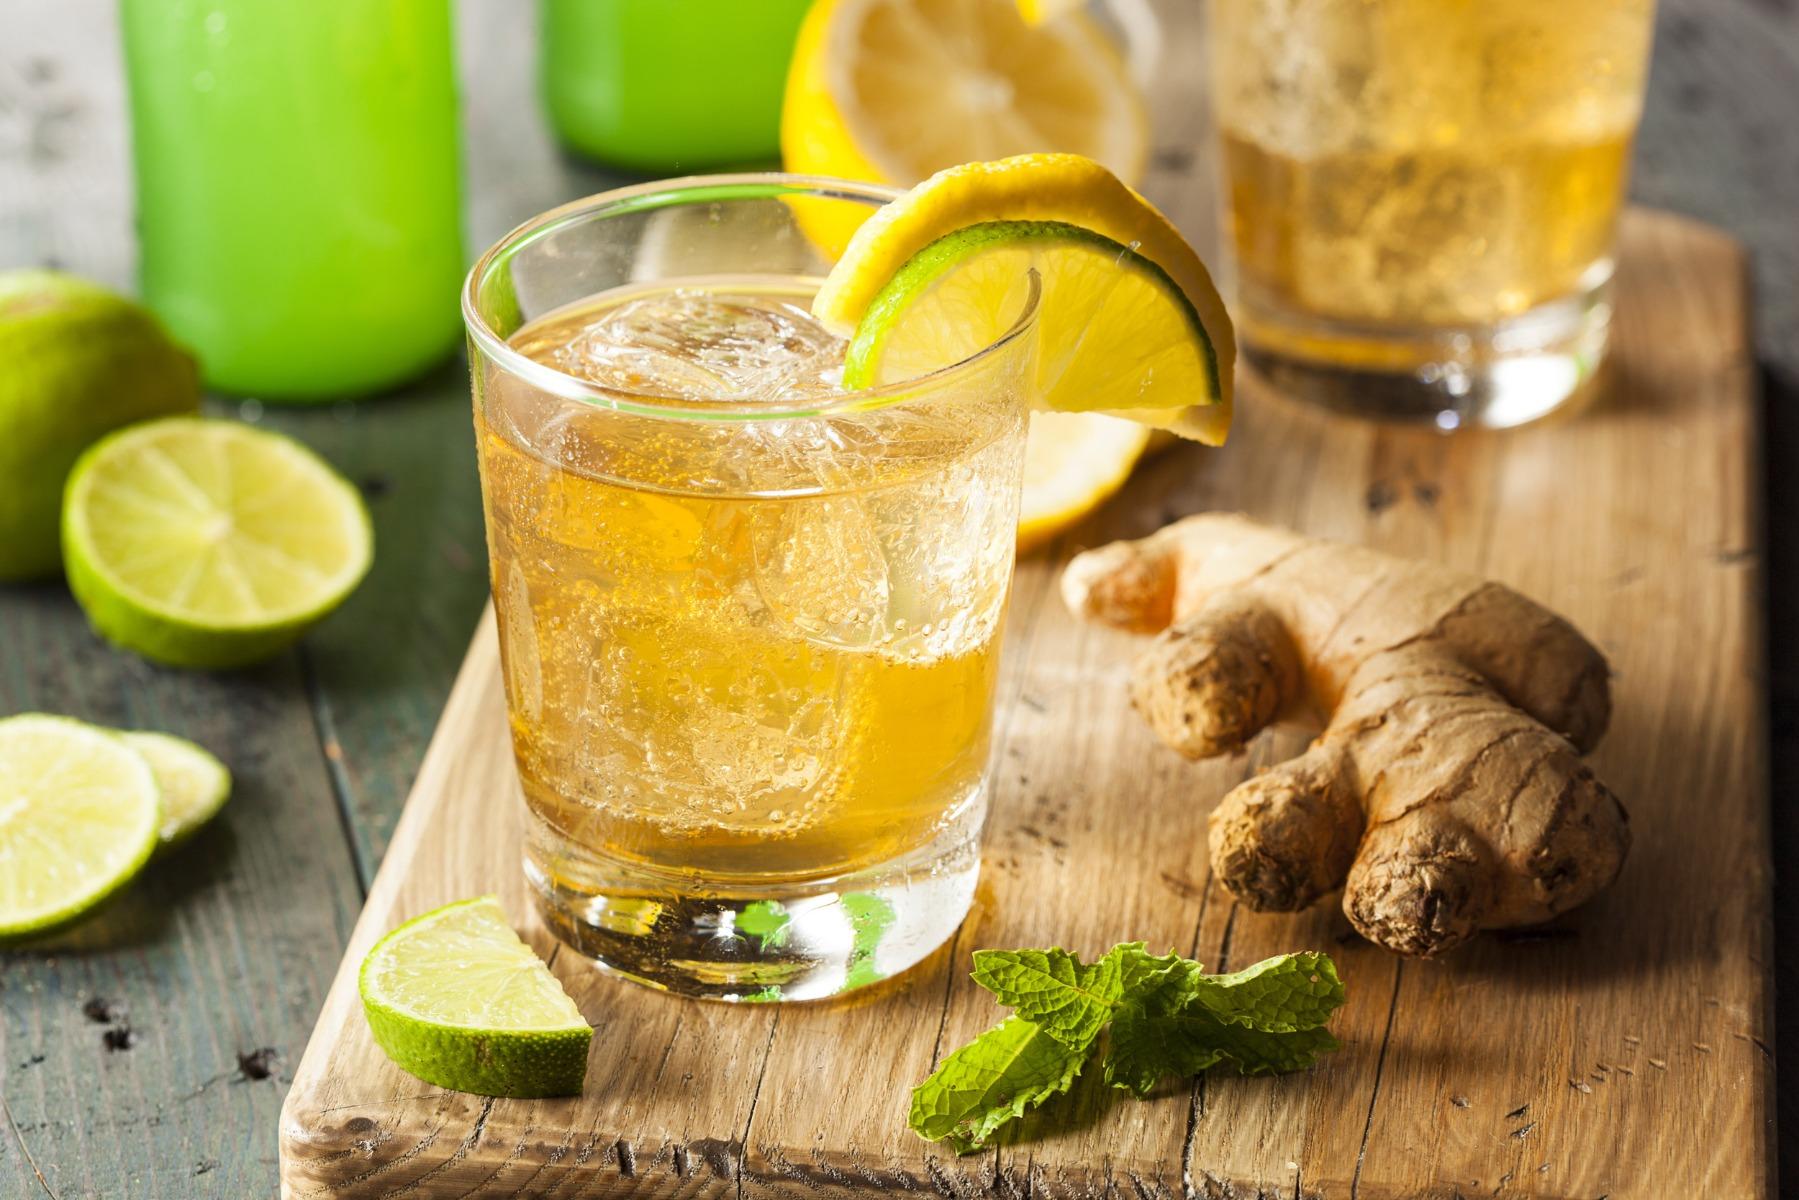 PrikenTik - Bartender - Ginger beer